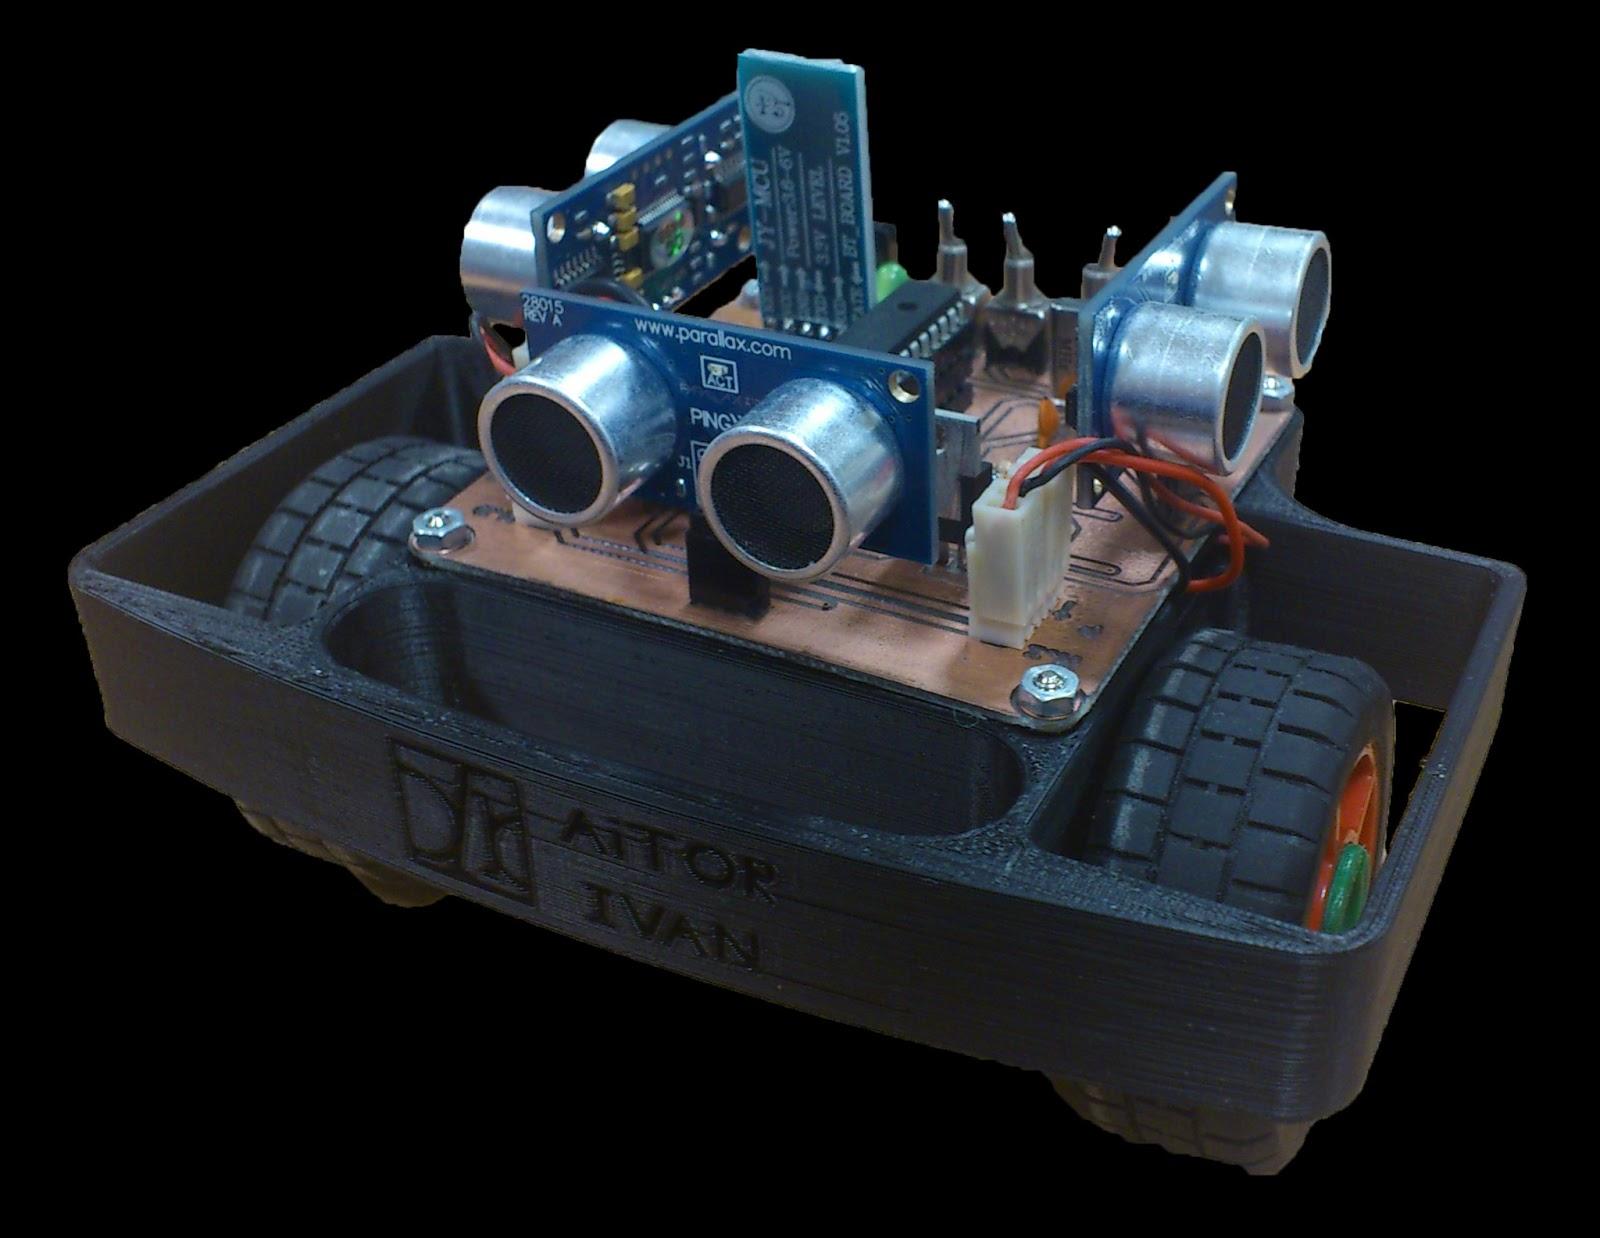 Elektronika eta telekomunikazioak don bosco tanquebot